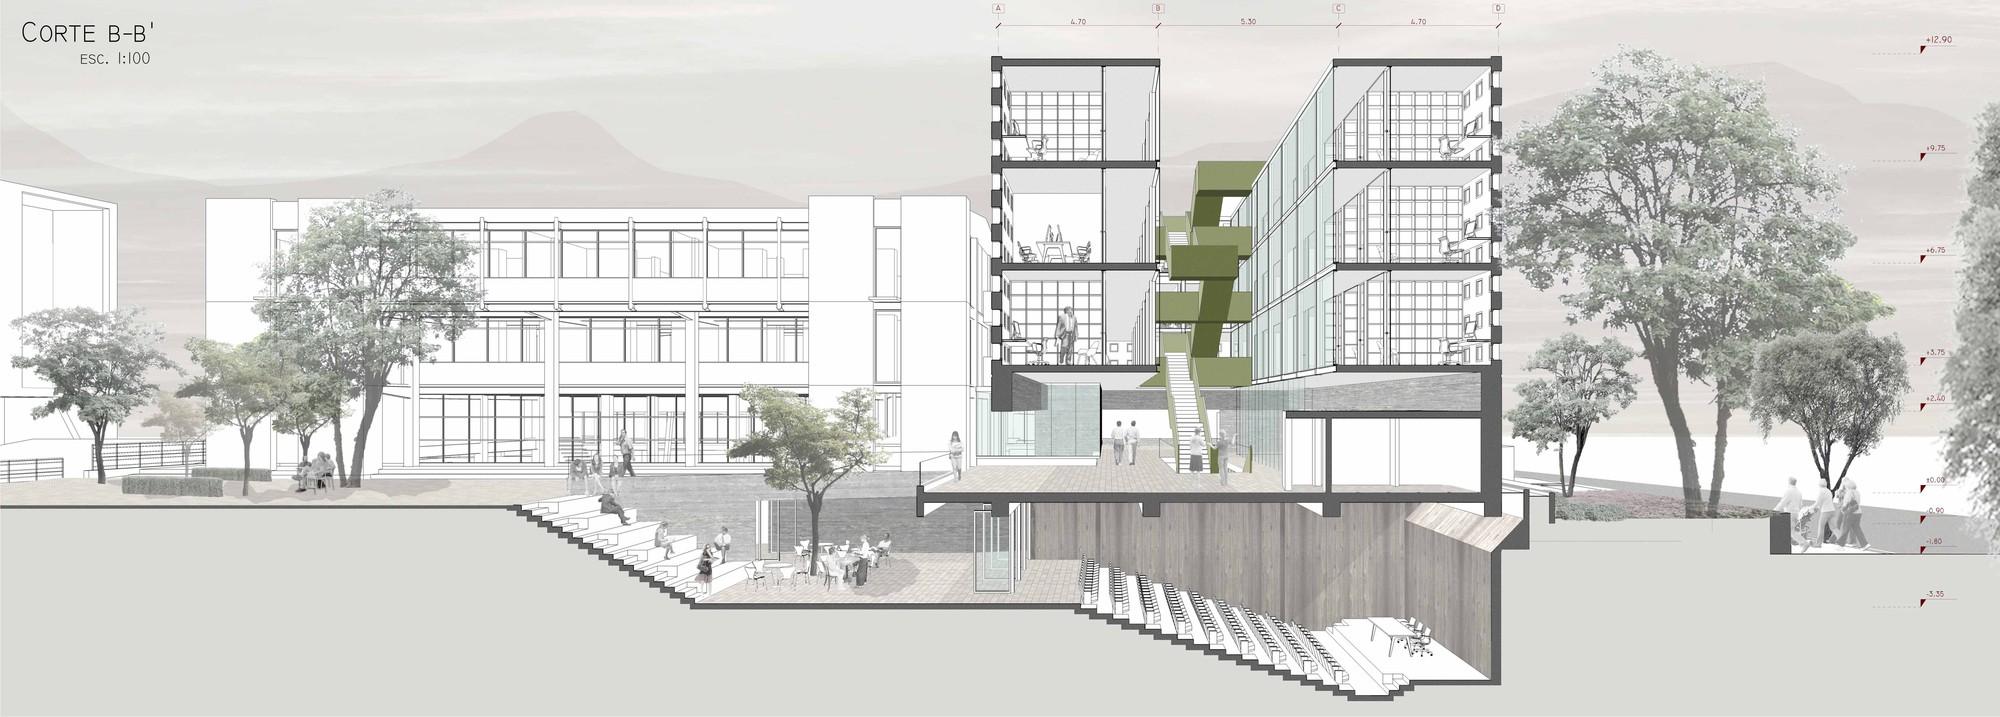 Galer a de ganadores concurso edificio docente y de for Plataforma de arquitectura